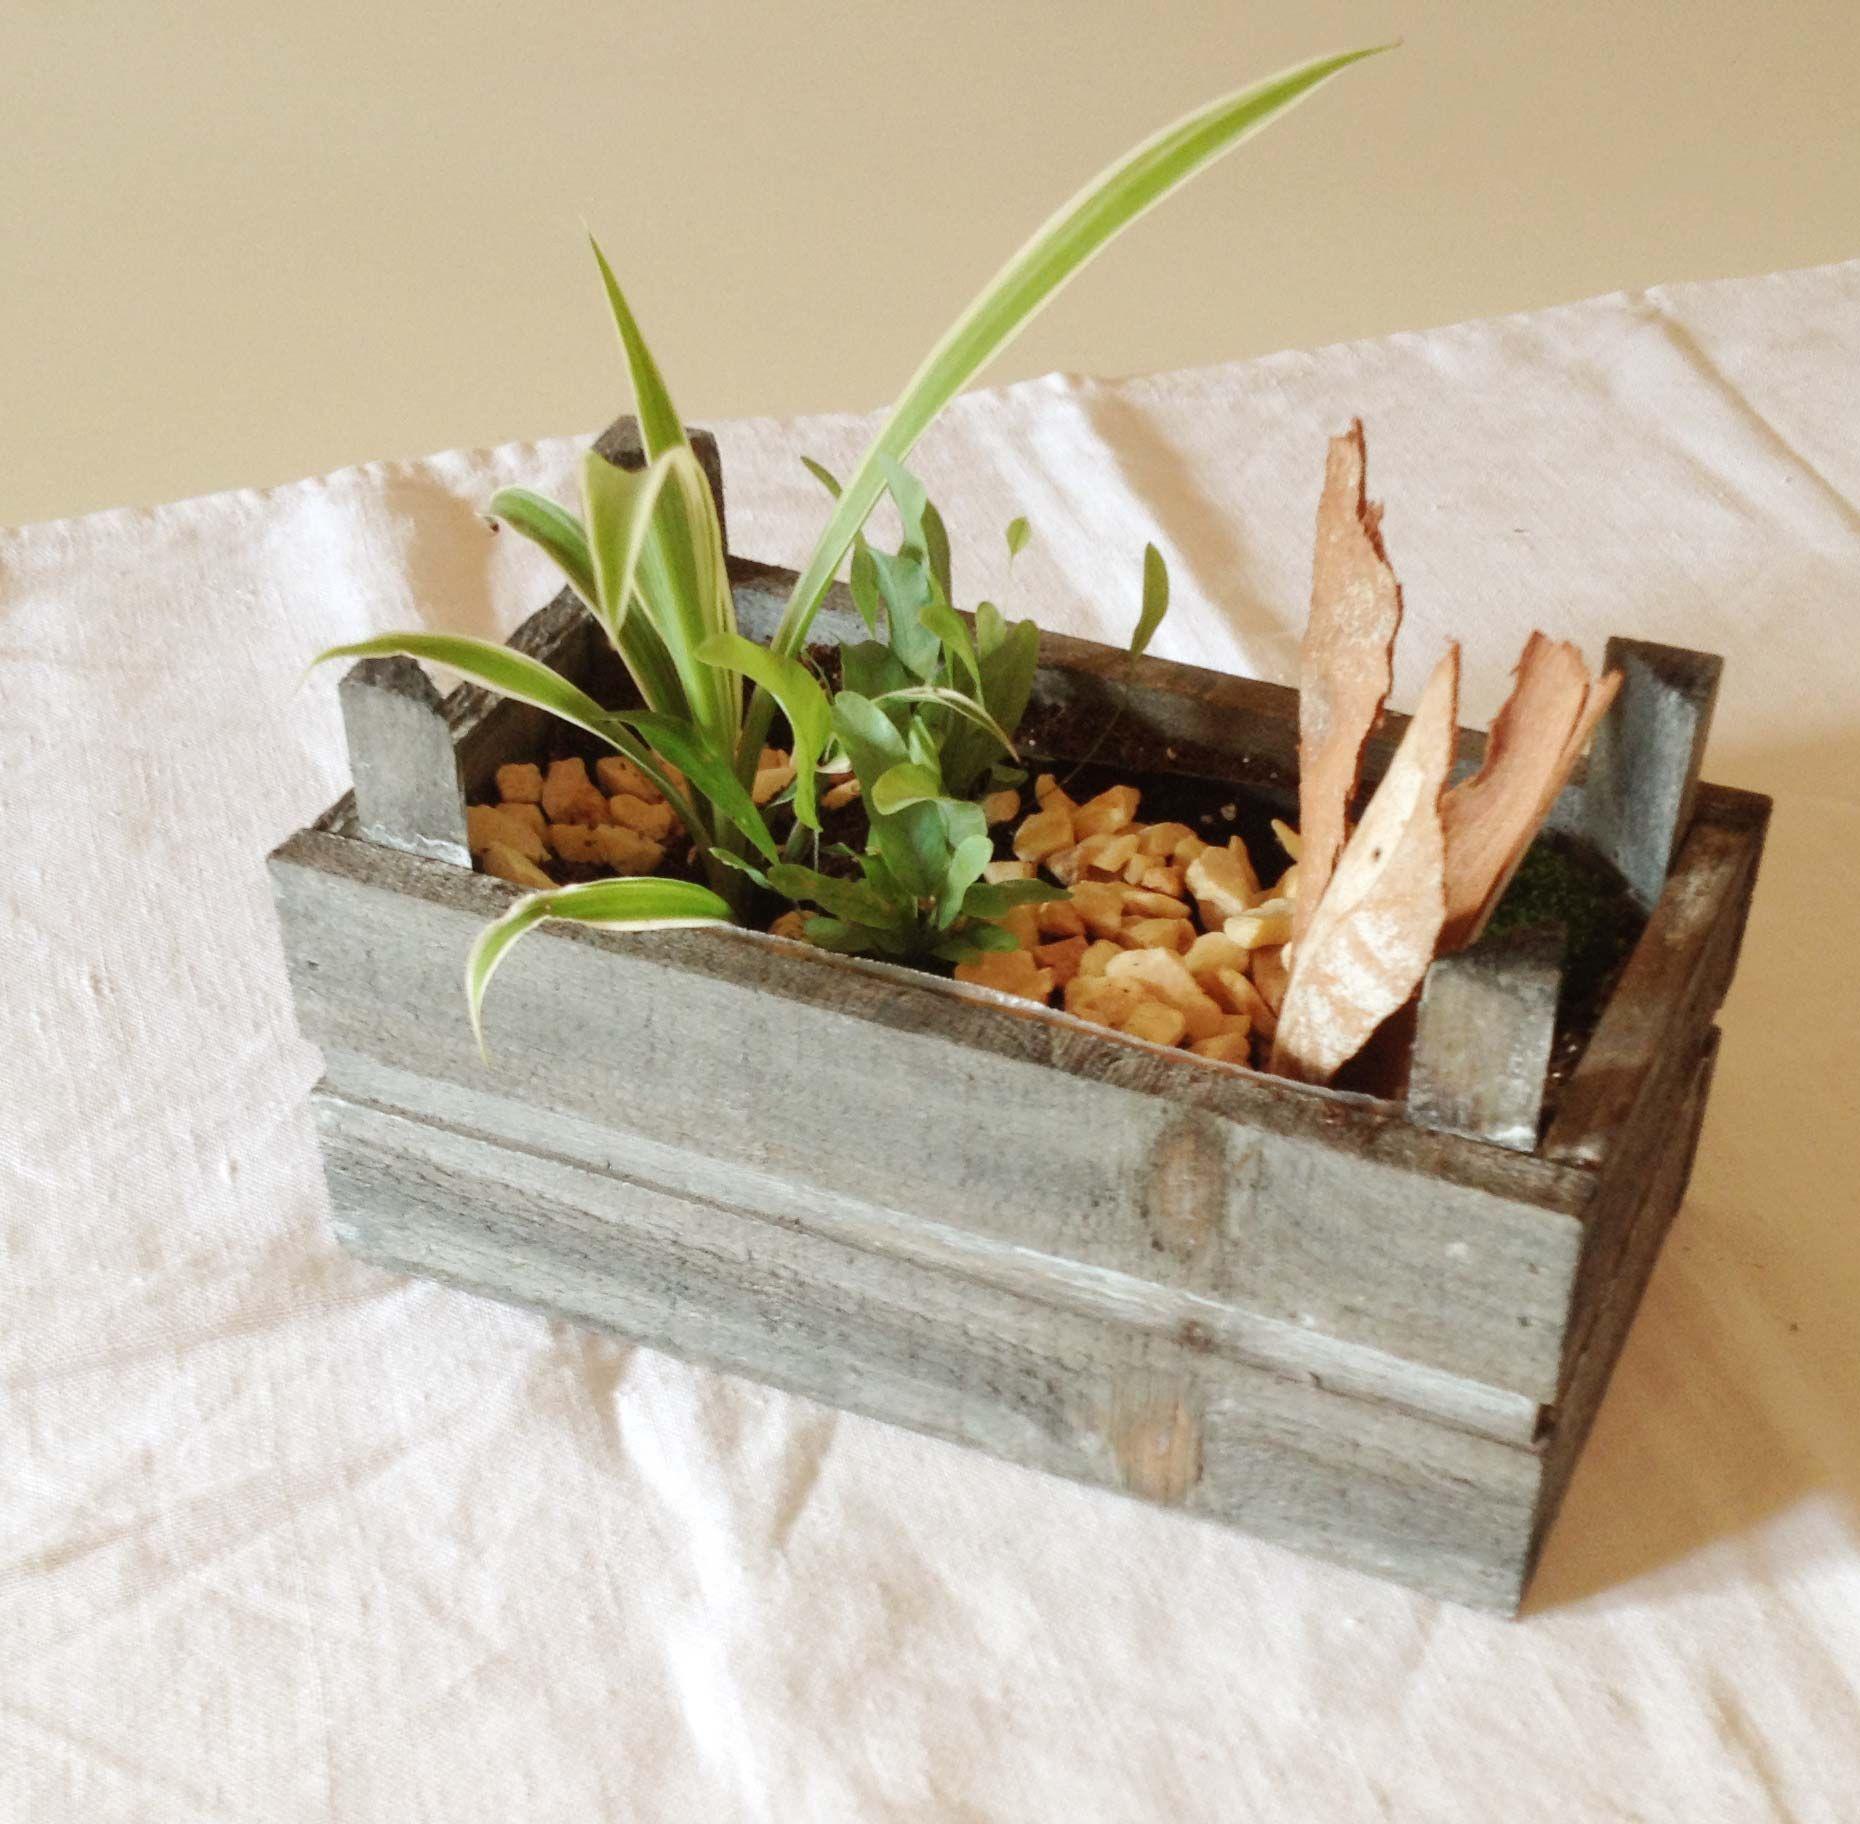 Qualsevol capsa de fusta és bona per a fer un mini jardí. Bones idees a l'Espai Can Mir.